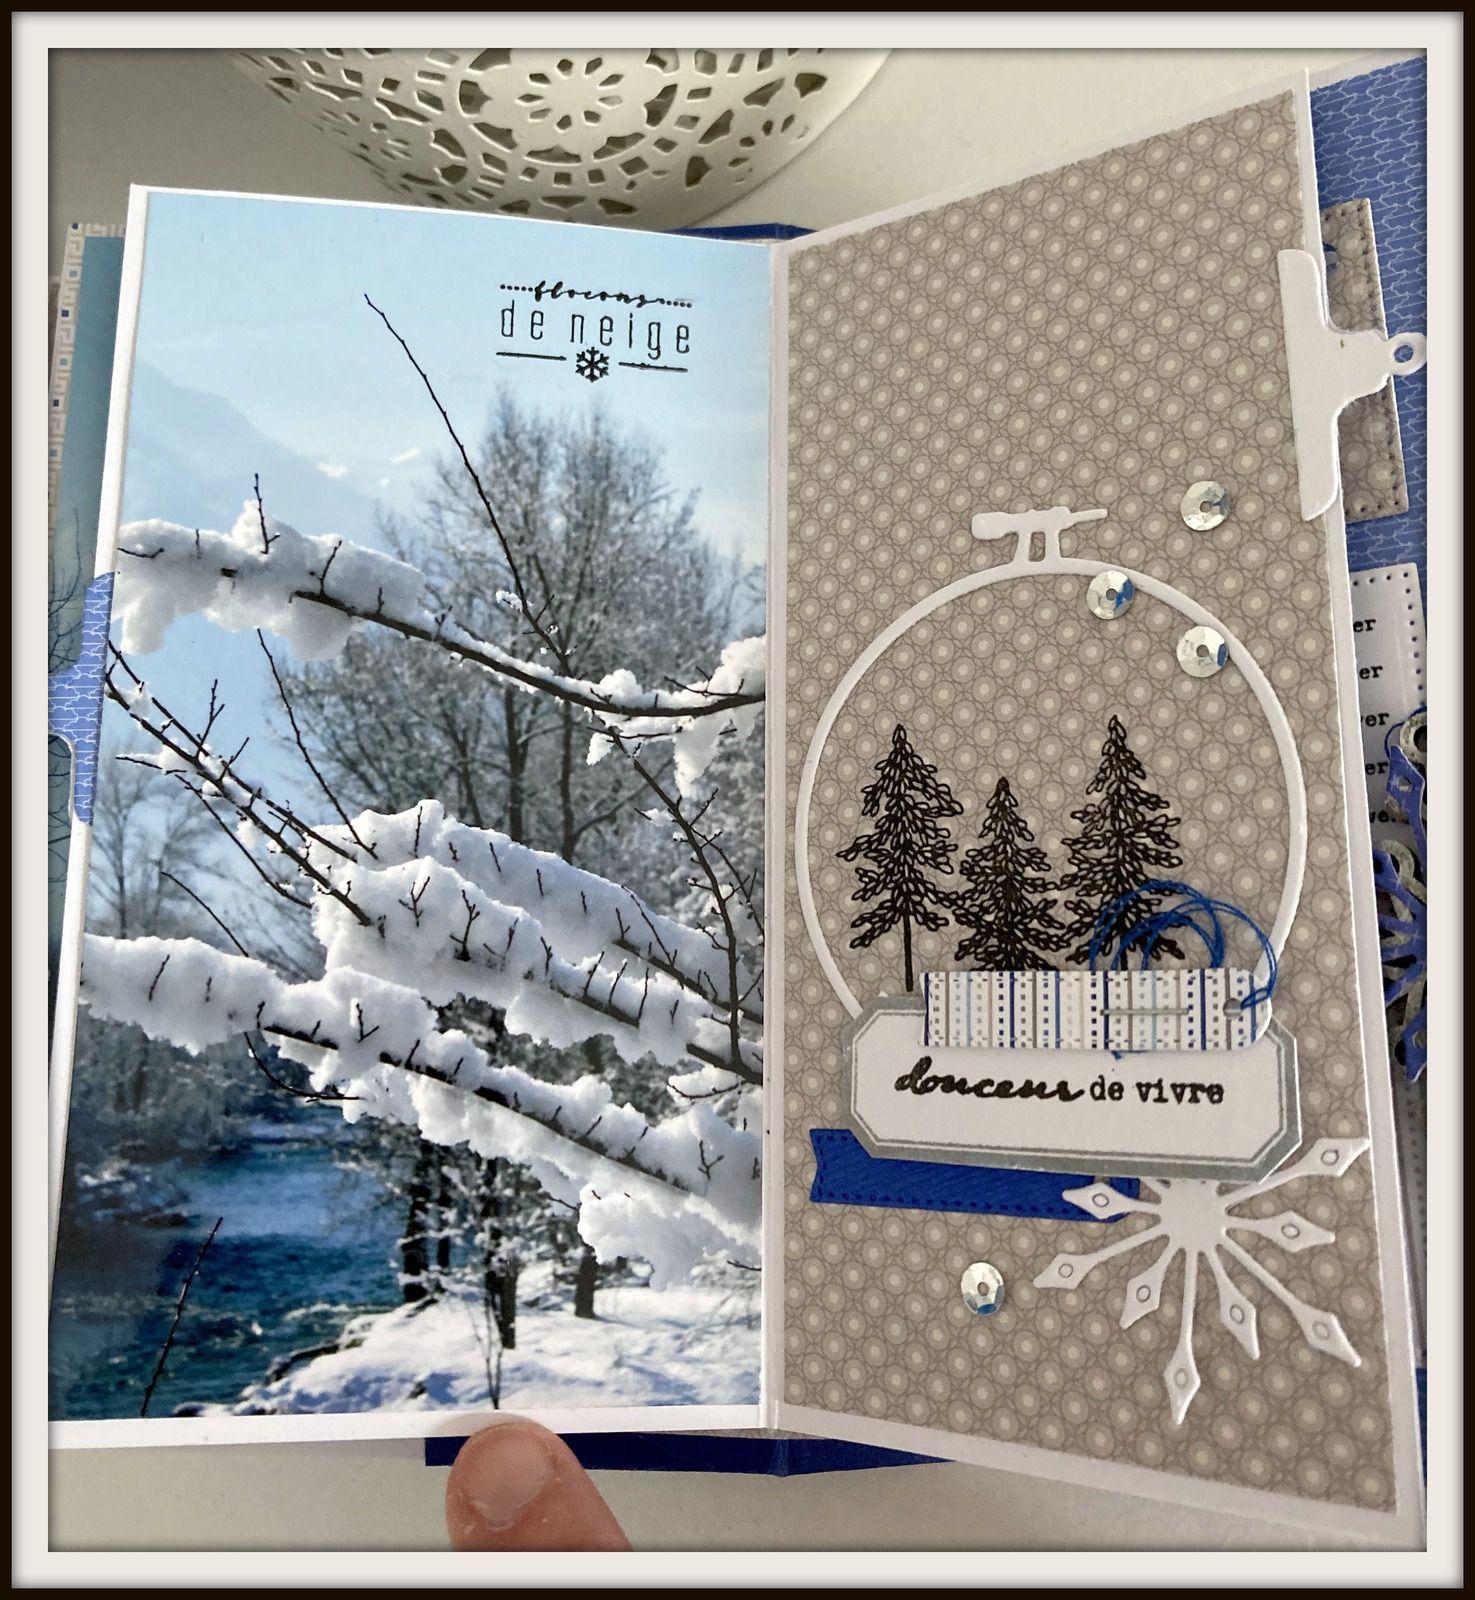 Ce premier livret reprend la même mise en page : une photo et une déco. celles-ci sont réalisées avec des motifs tamponnés et des dies.